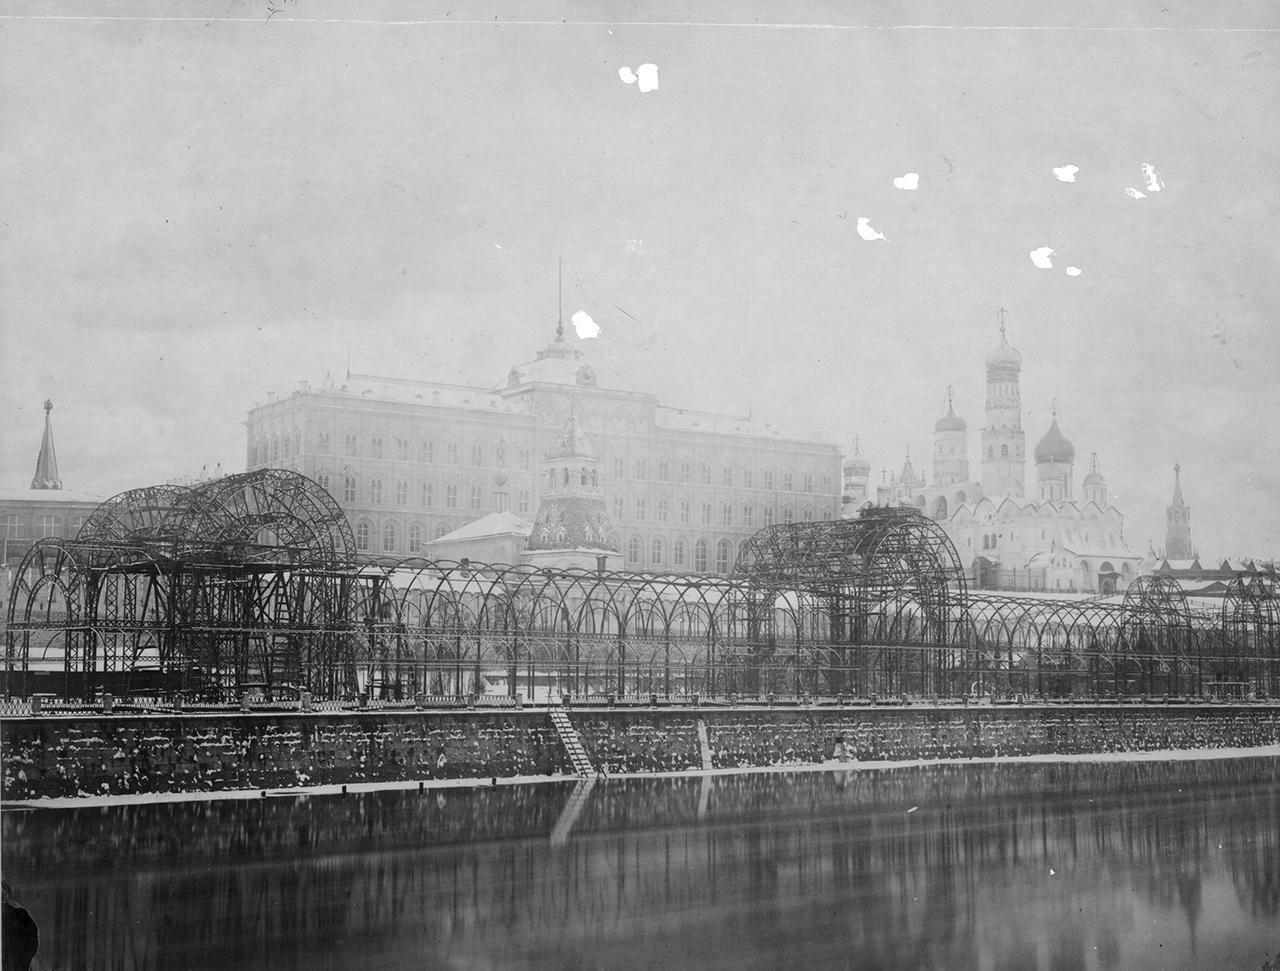 Кремлевская набережная. Строительство выставочного павильона